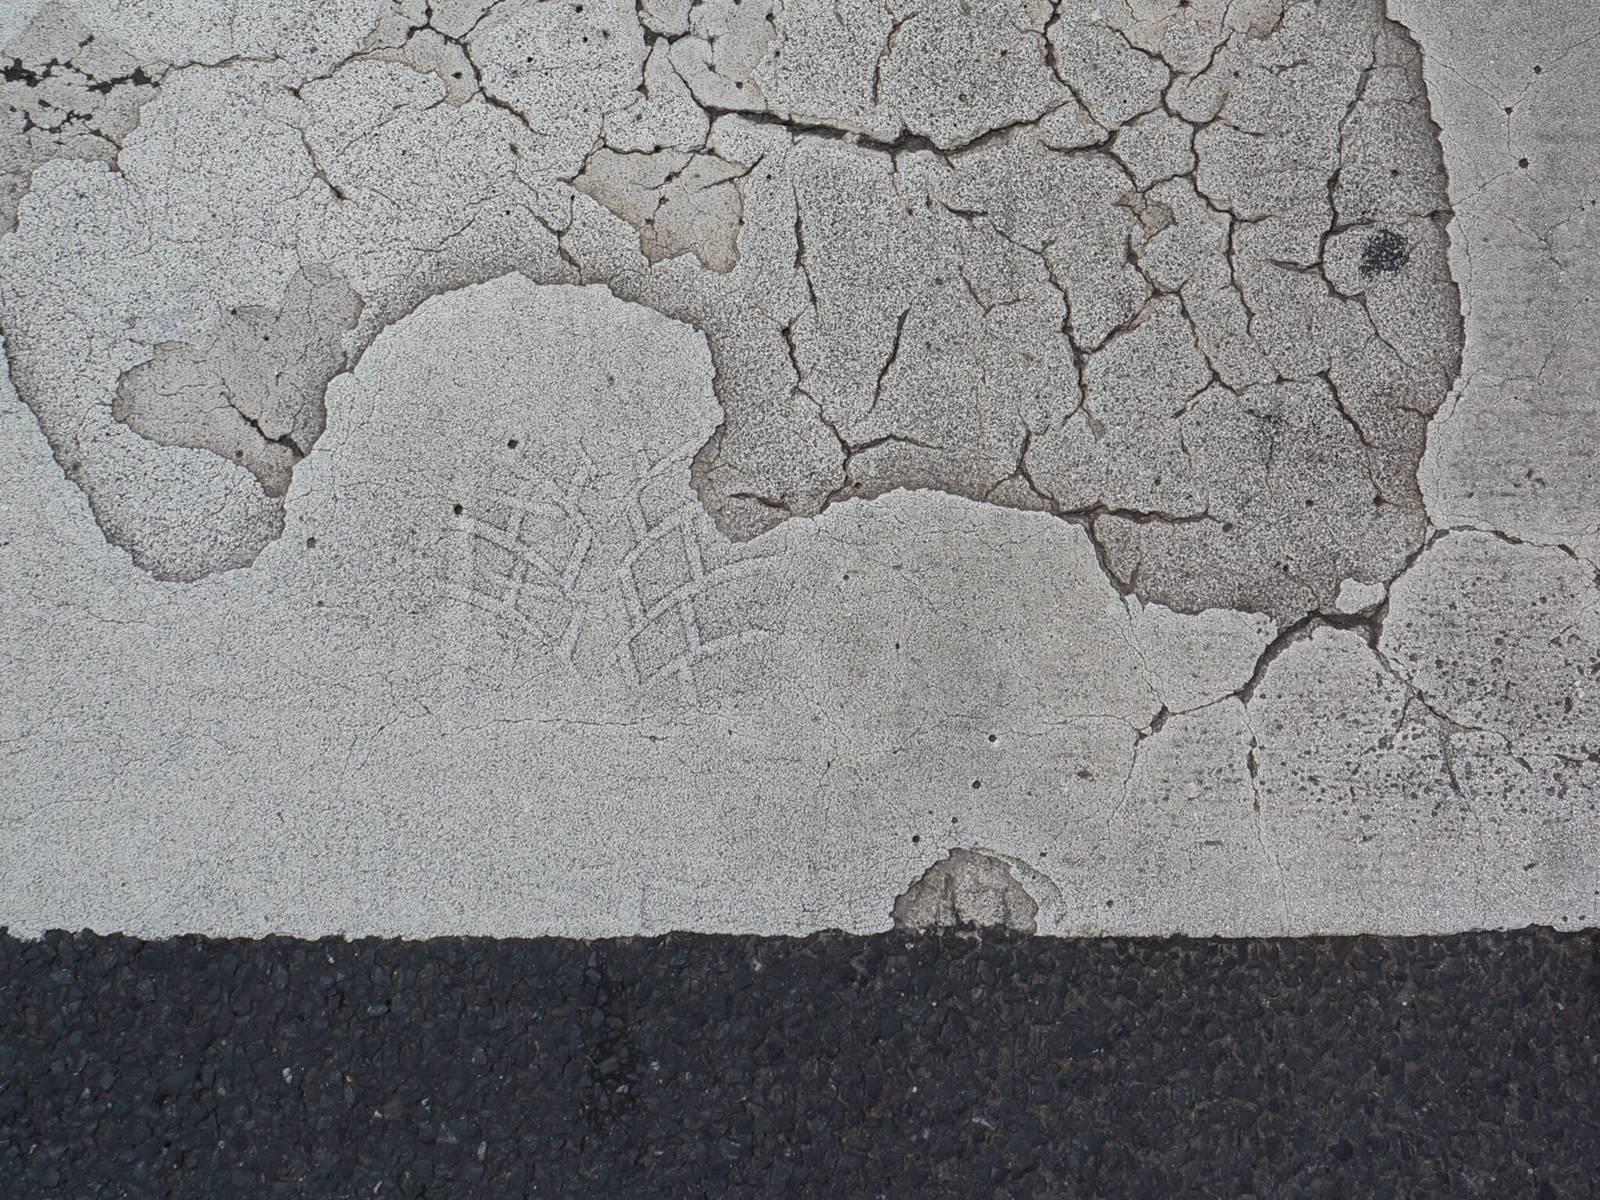 Fußabdruck in einer betonierten Straße